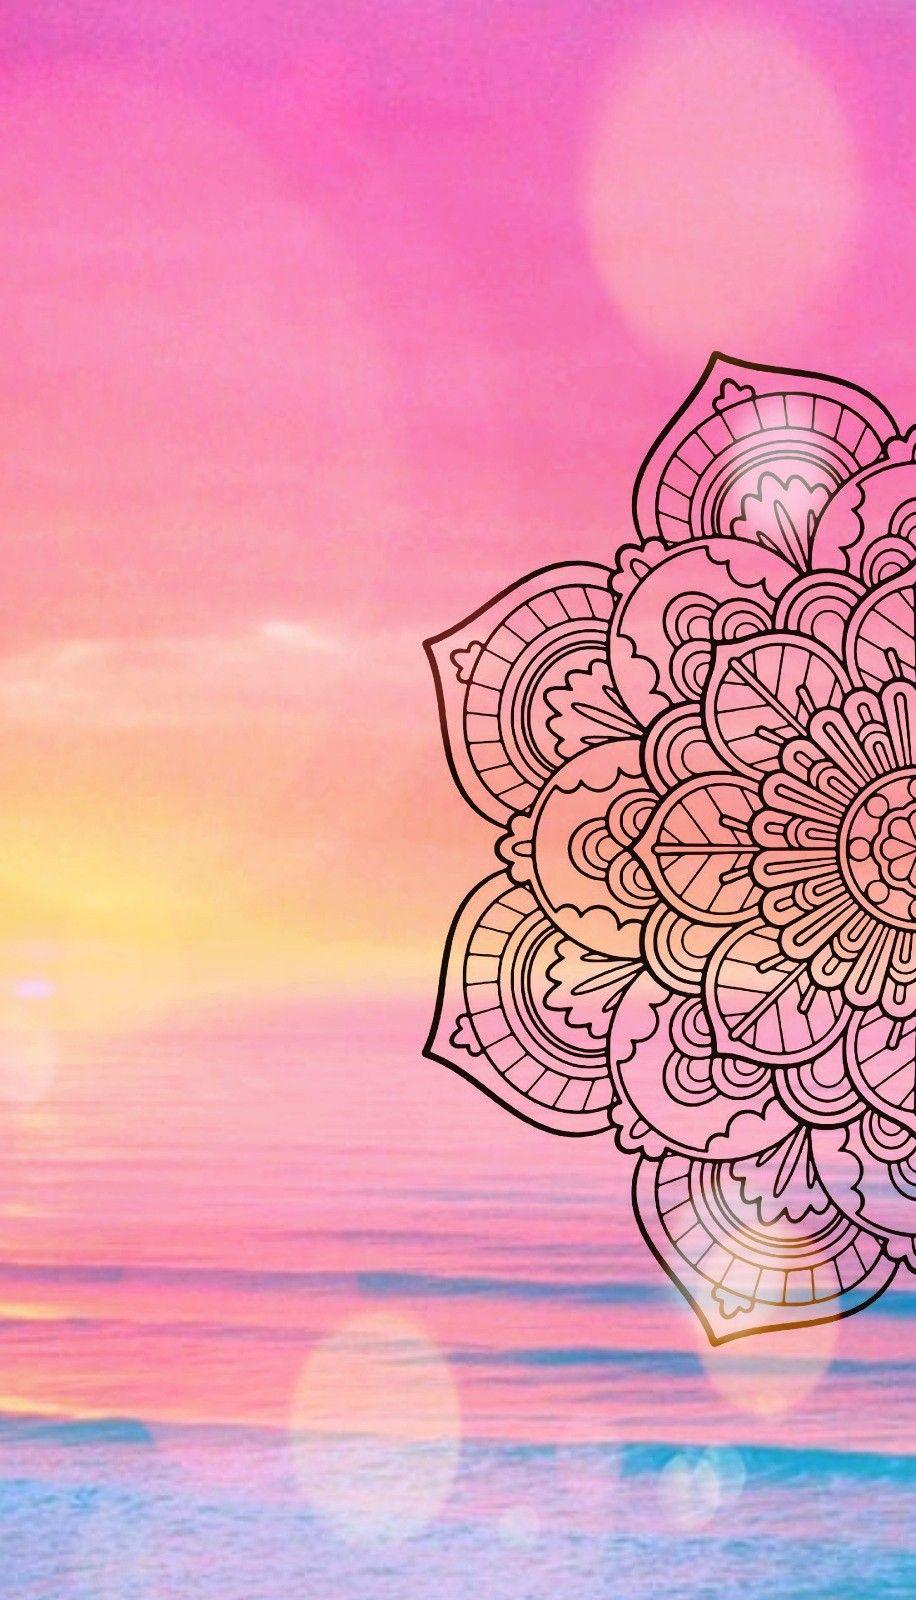 Colourful Mandala Mandala Fondo De Pantalla Fondo De Pantalla Colorido Fondos De Pantalla Tumblr